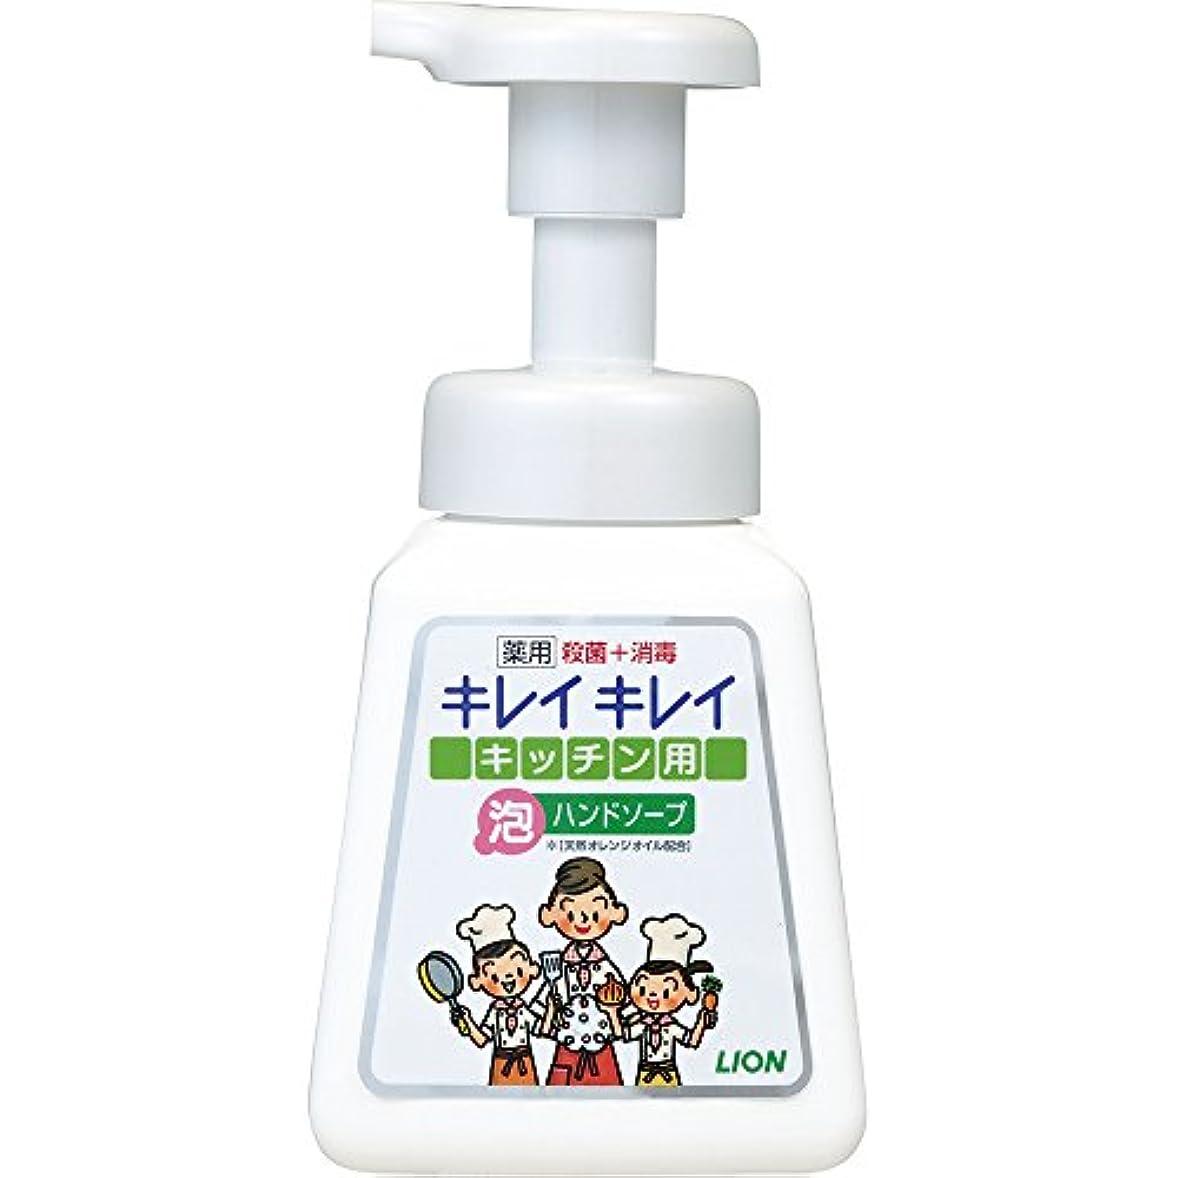 風変わりな精神猛烈なキレイキレイ 薬用 キッチン泡ハンドソープ 本体ポンプ 230ml(医薬部外品)